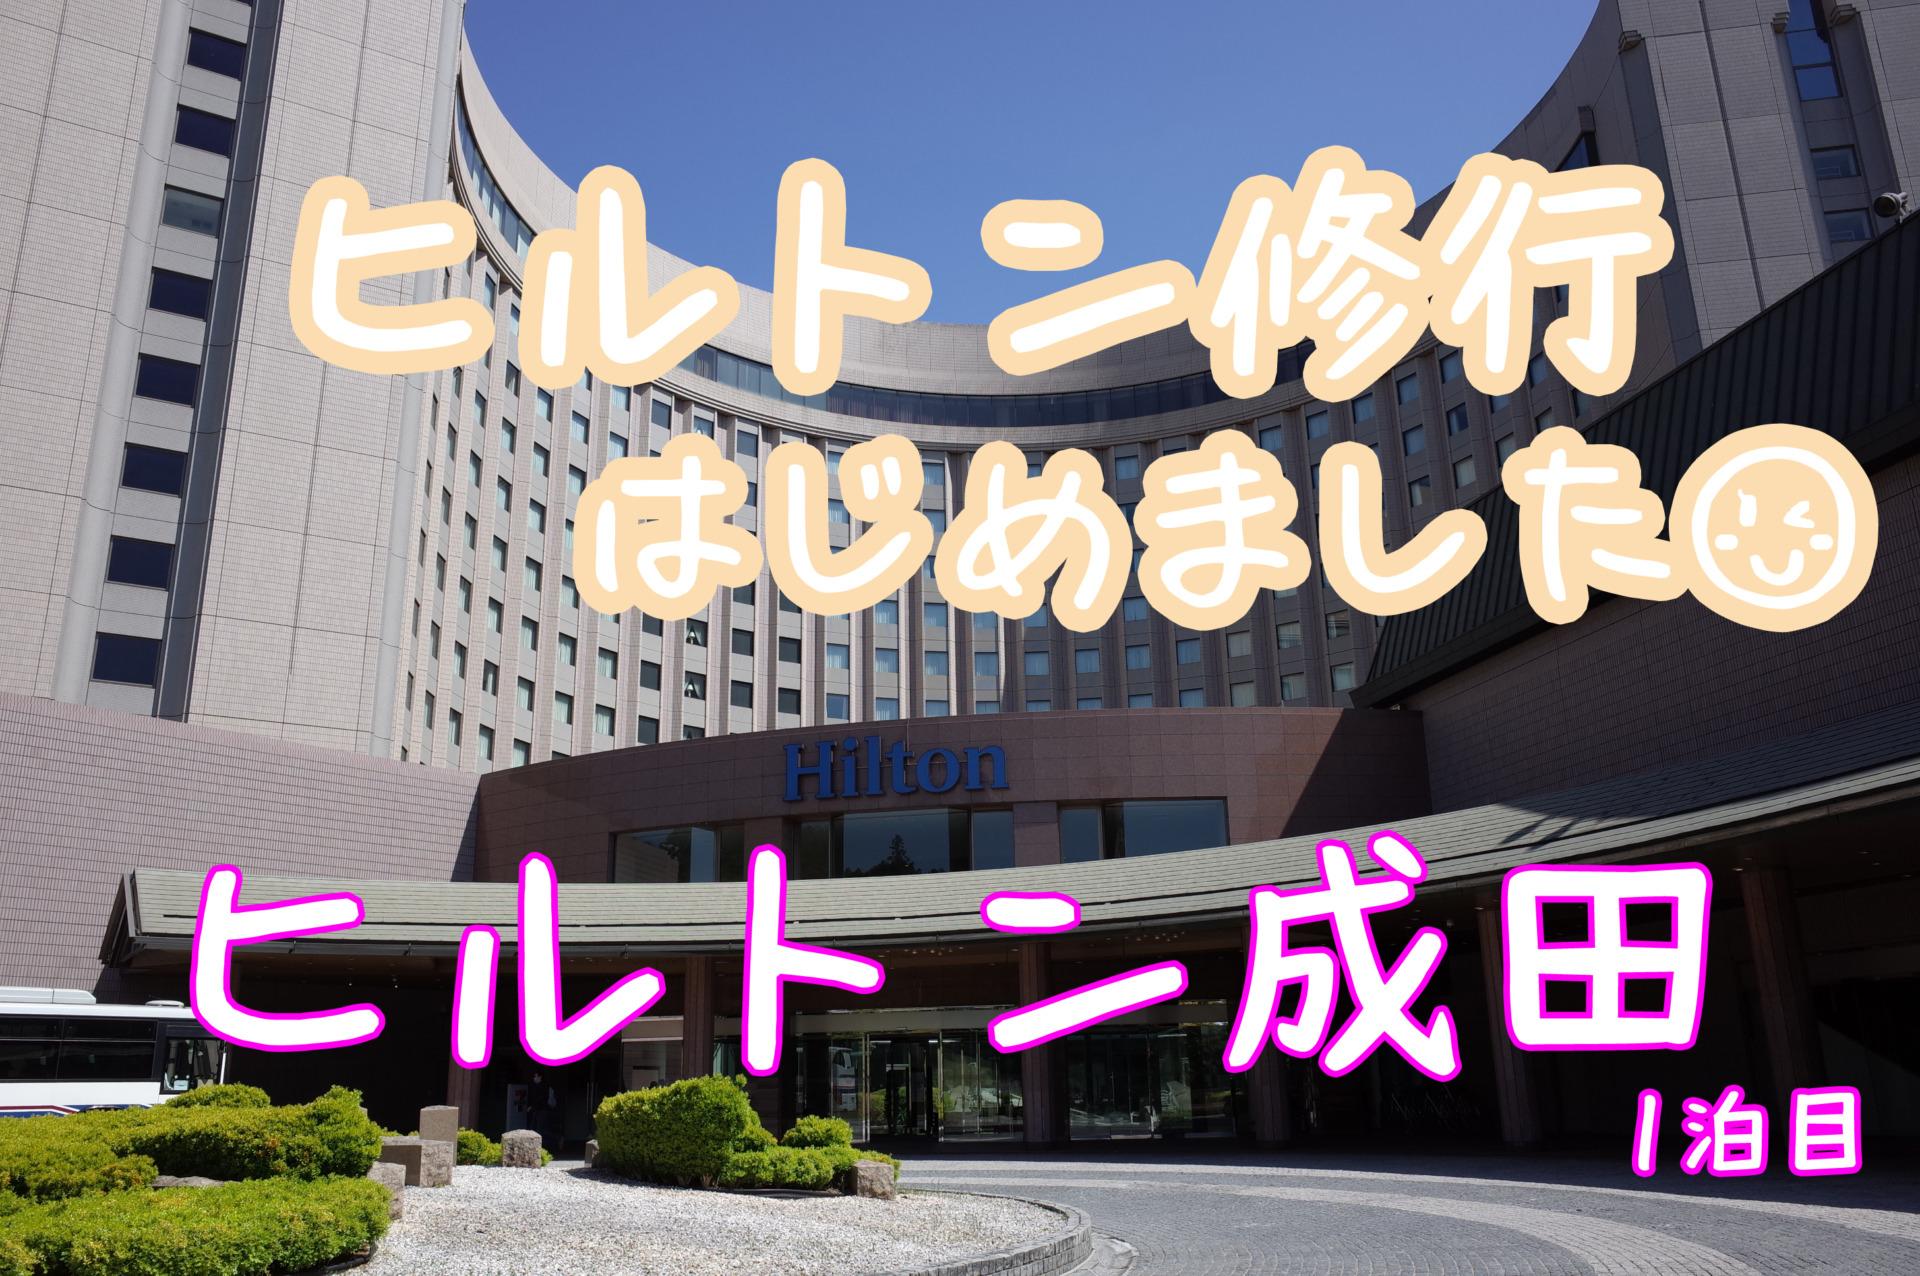 ヒルトン修行 ヒルトン成田 週末物見遊山